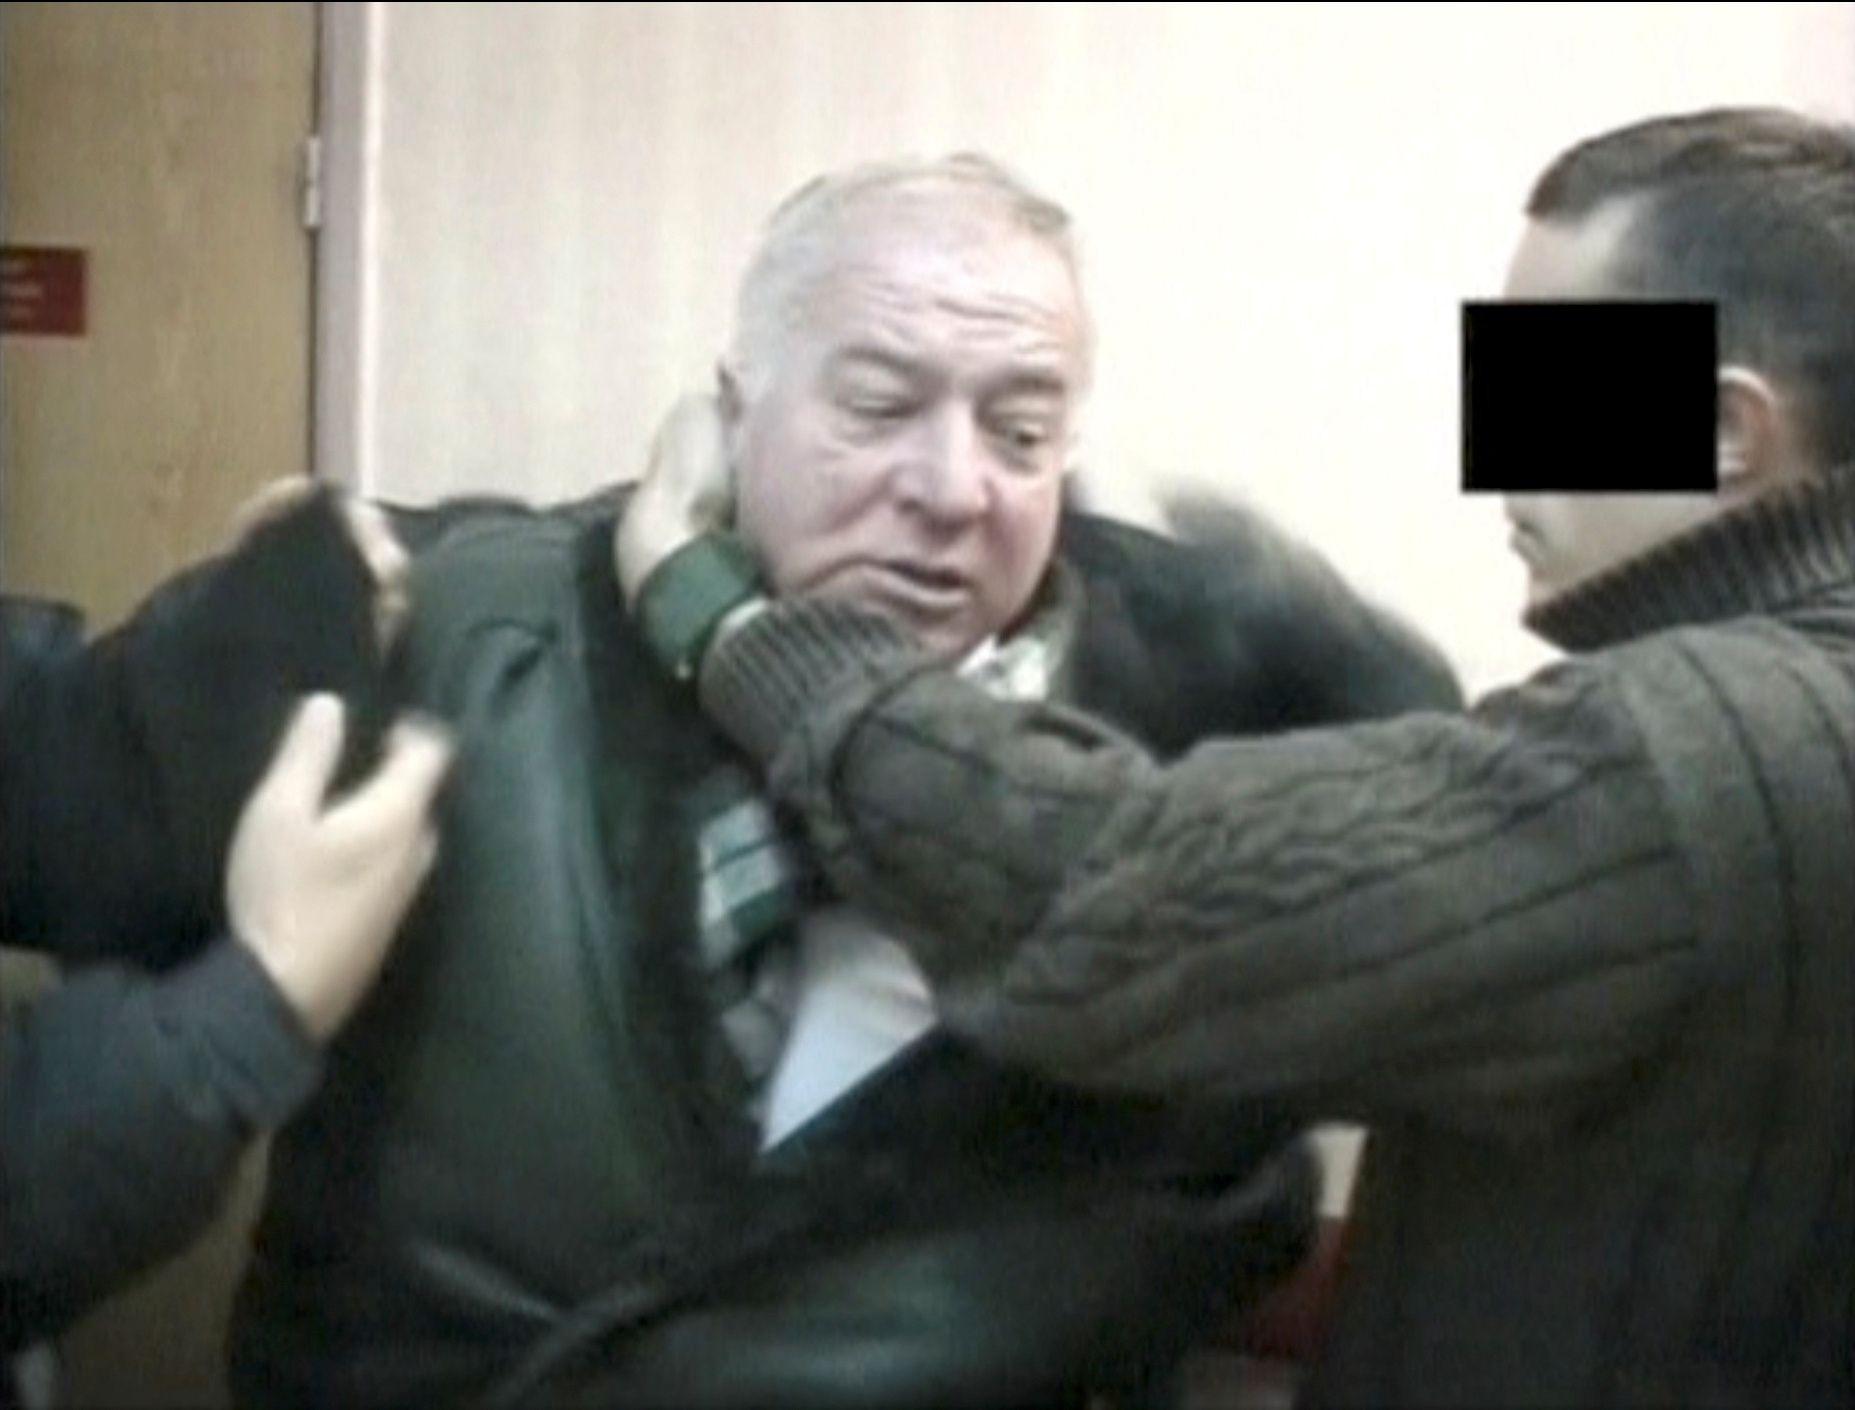 EKS-SPION: Den tidligere spionen i russiske GRU Sergei Skripal svever mellom liv og død etter nerevegass-angrepet i Salisbury søndag. Her blir han håndtert av russiske etterretningsoffiserer på ukjent sted.